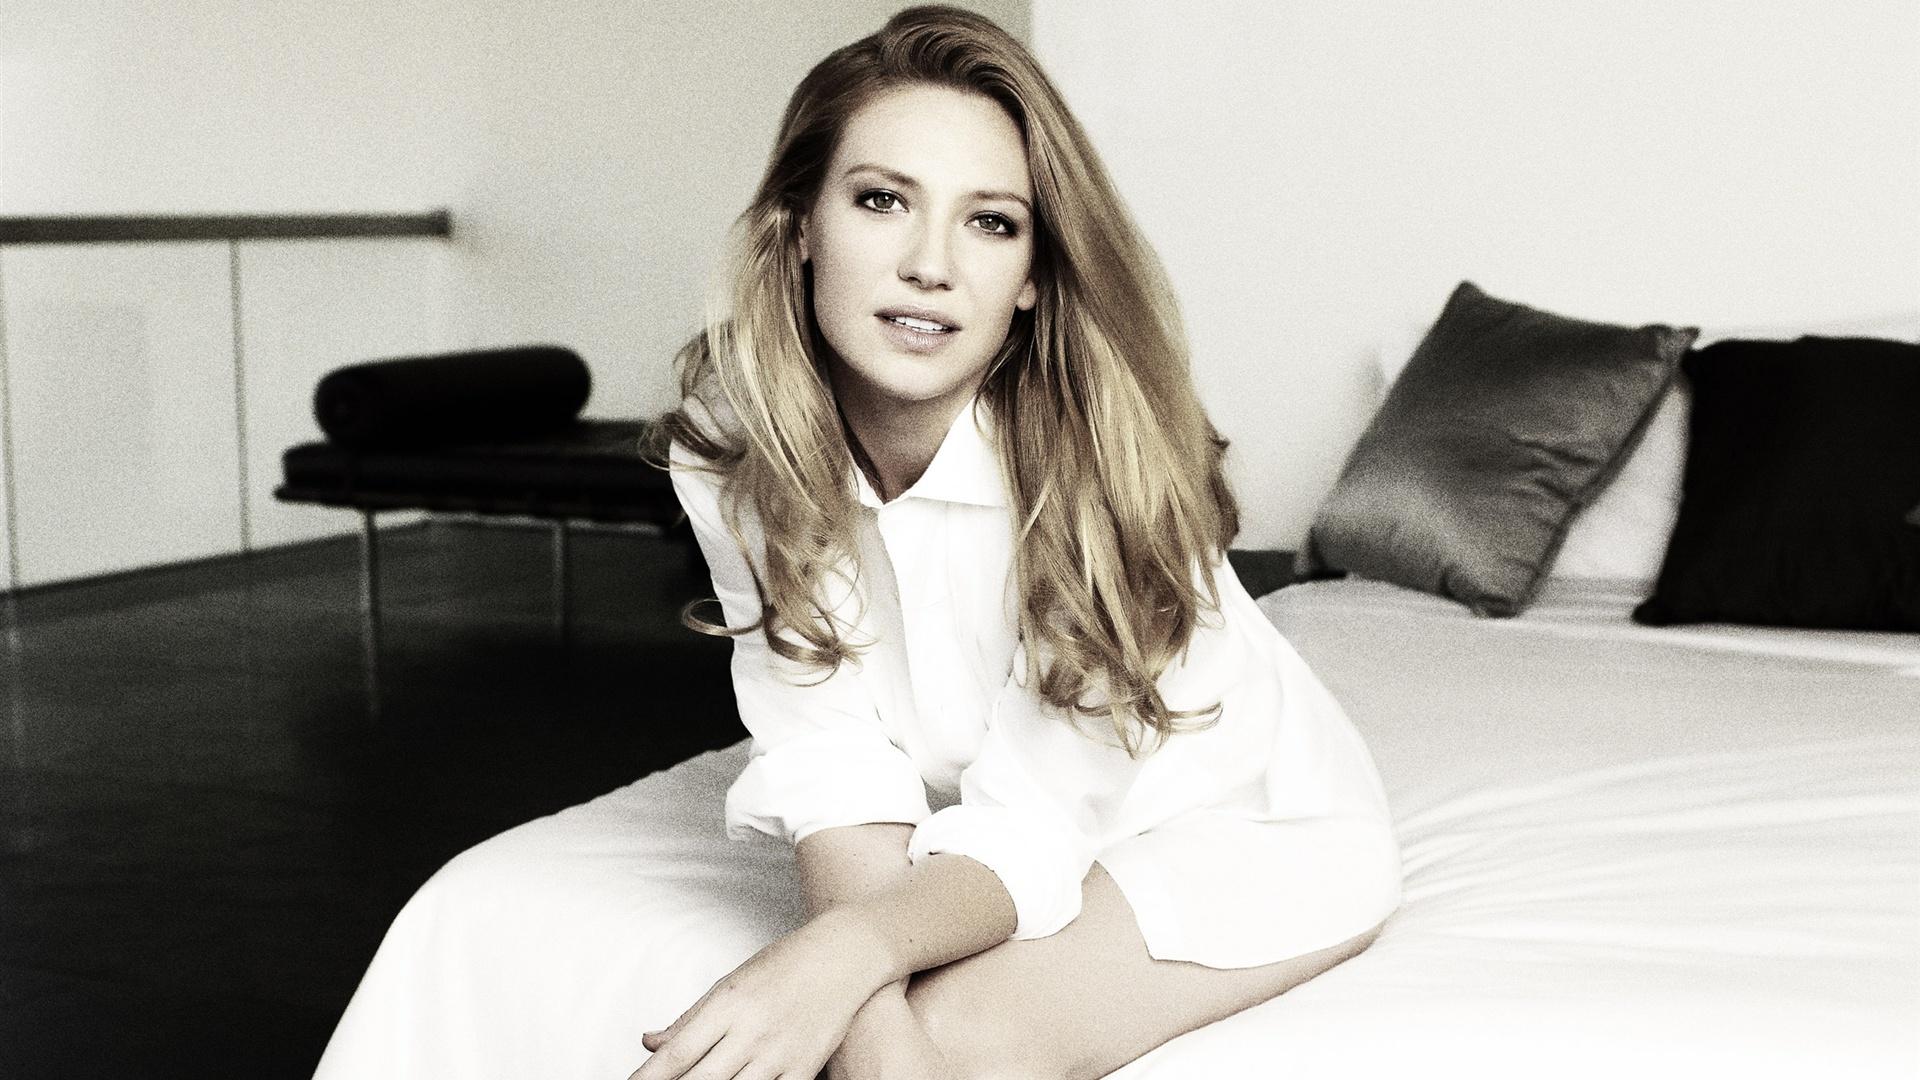 Anna Torv Actress Full HD Desktop Wallpapers 1080p 1920x1080